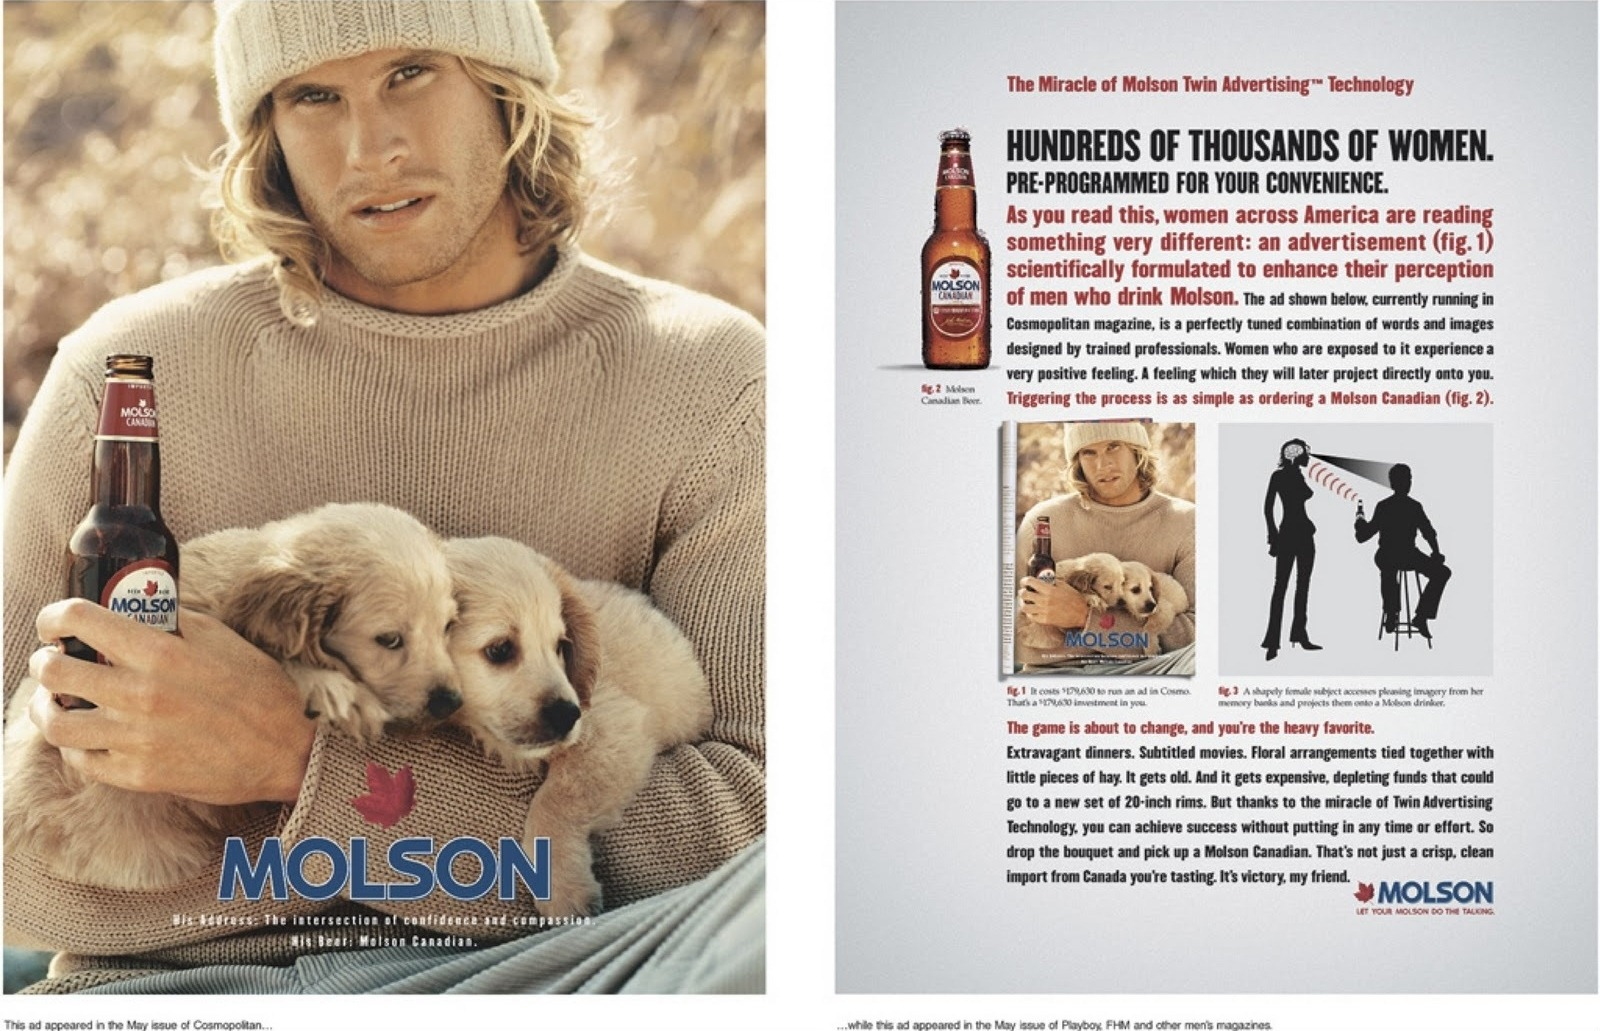 Molson, advertenties voor vrouwen en mannen